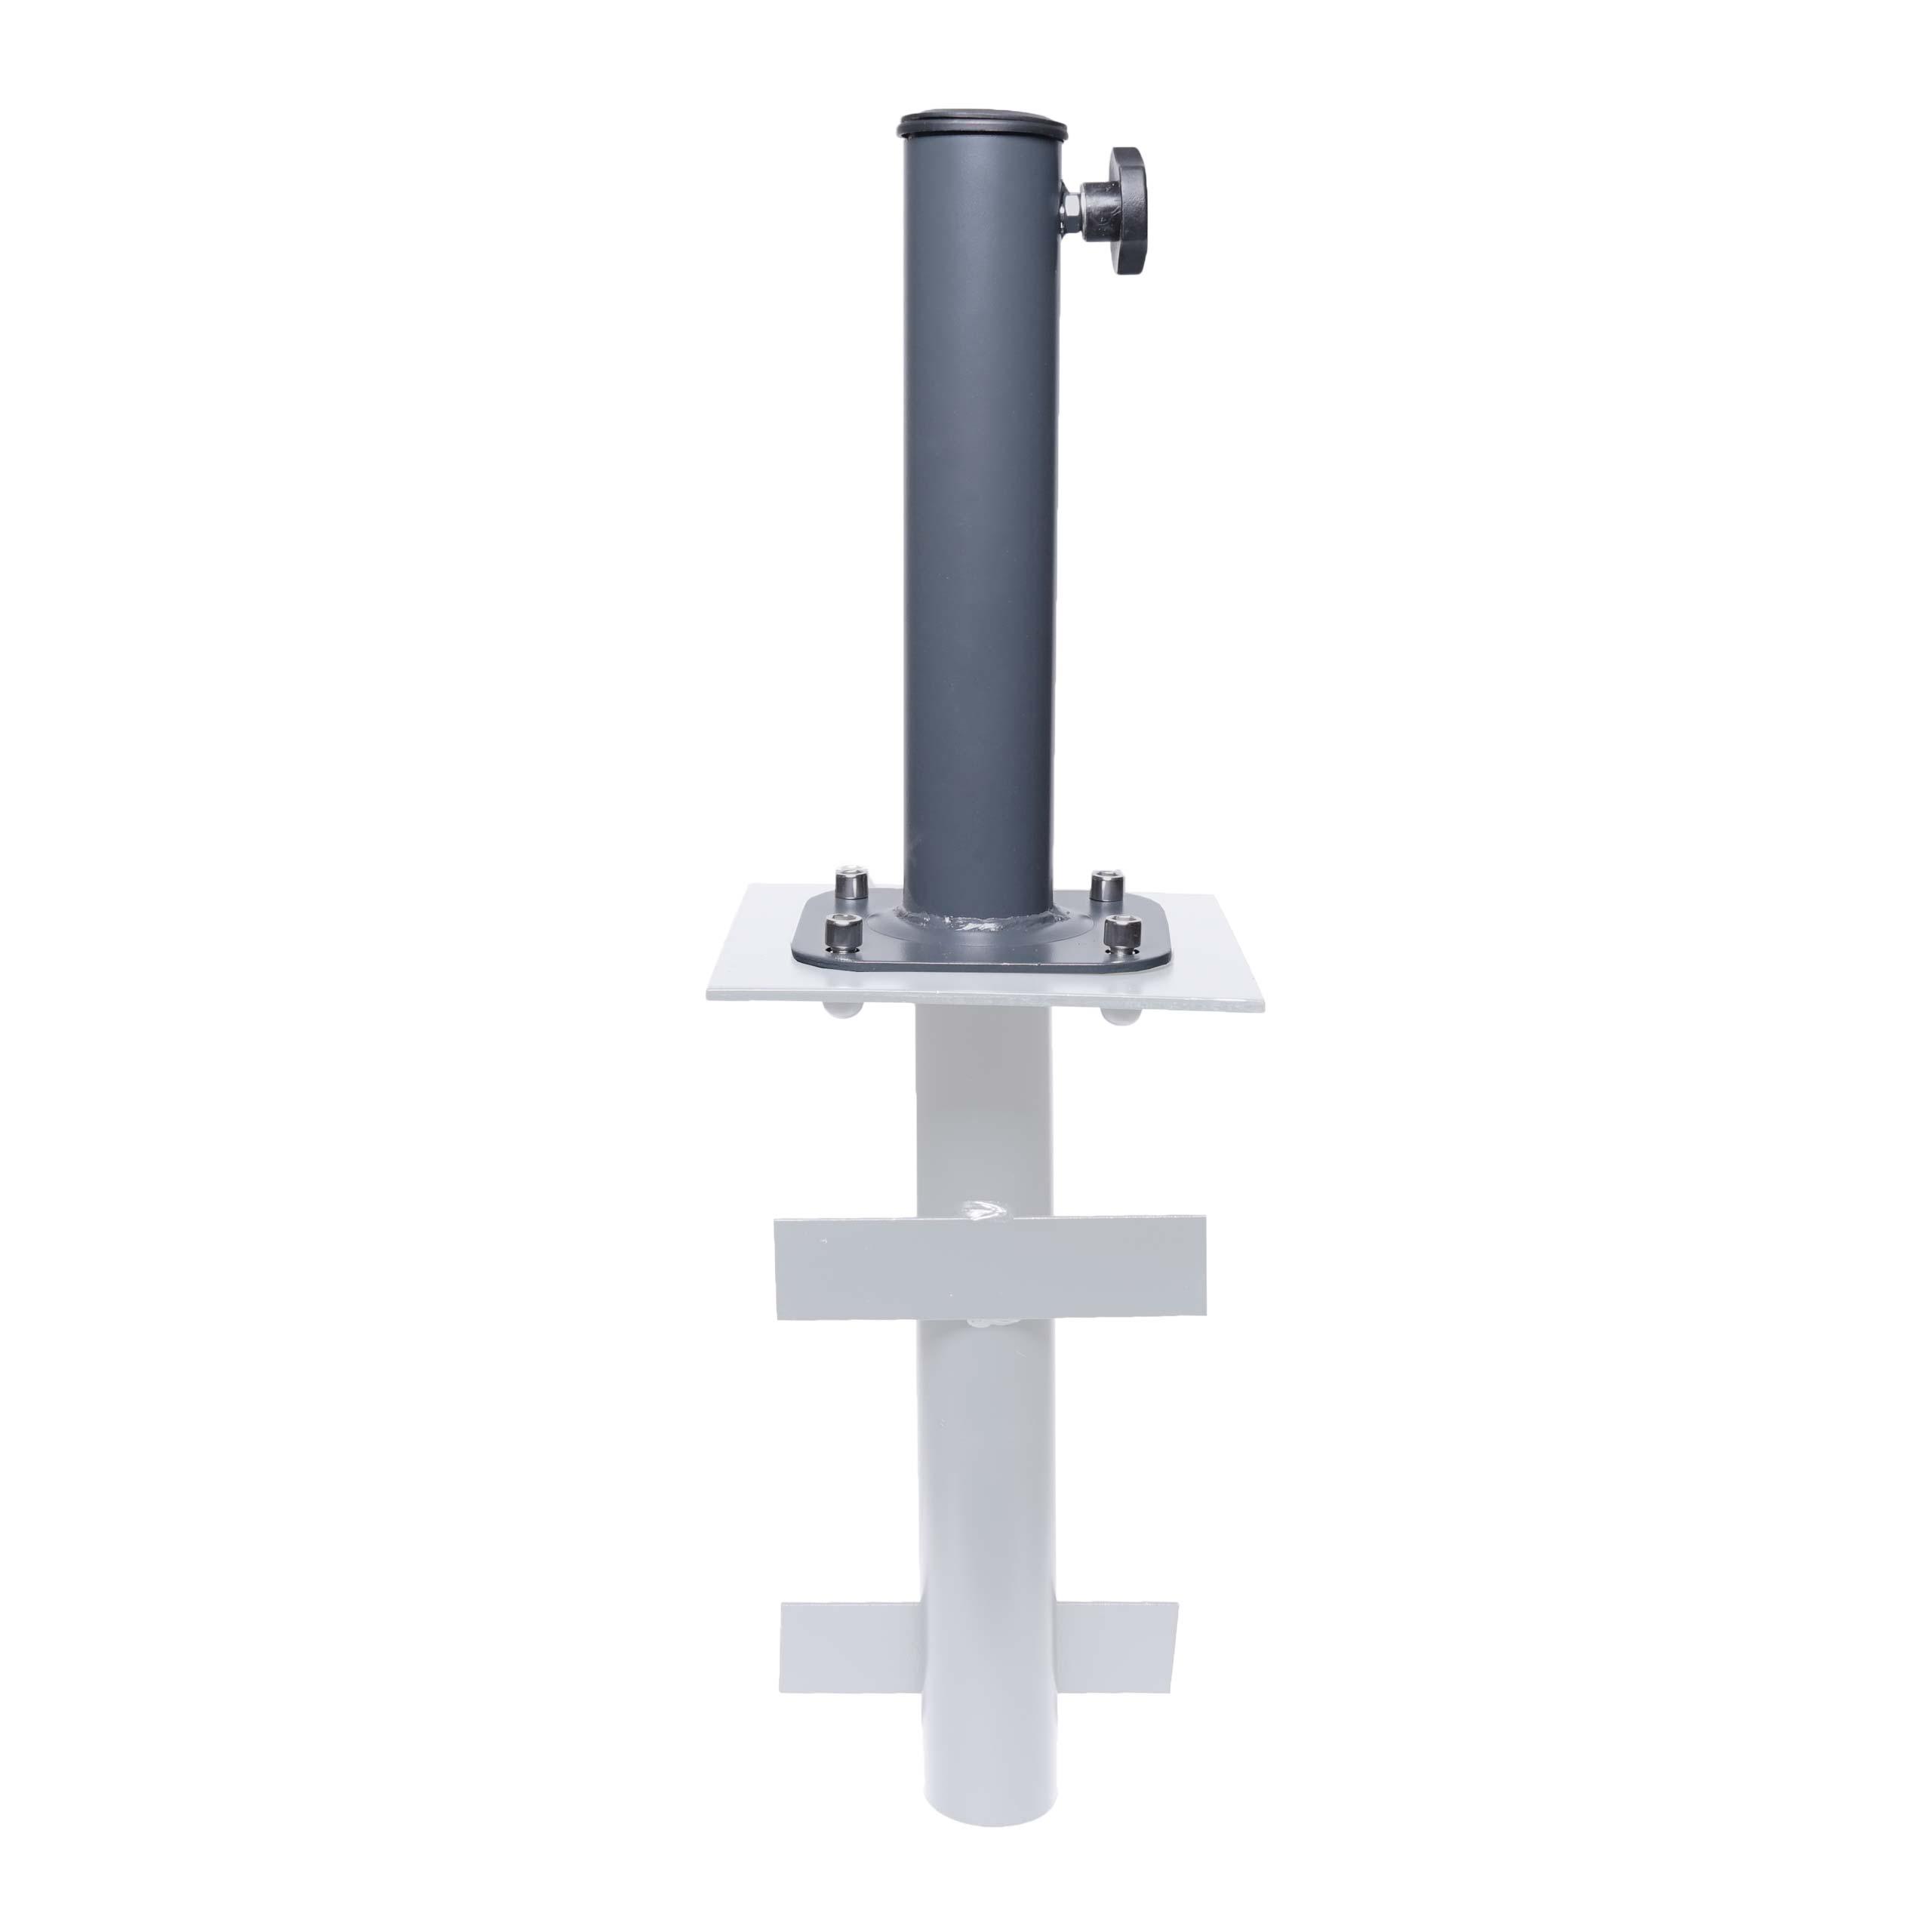 Mendler Ständer auf Bodenhülse HWC-A96, Schirmständer für Bodenanker/-platte/-montage Sonnen-/Ampelschirm, M 72571